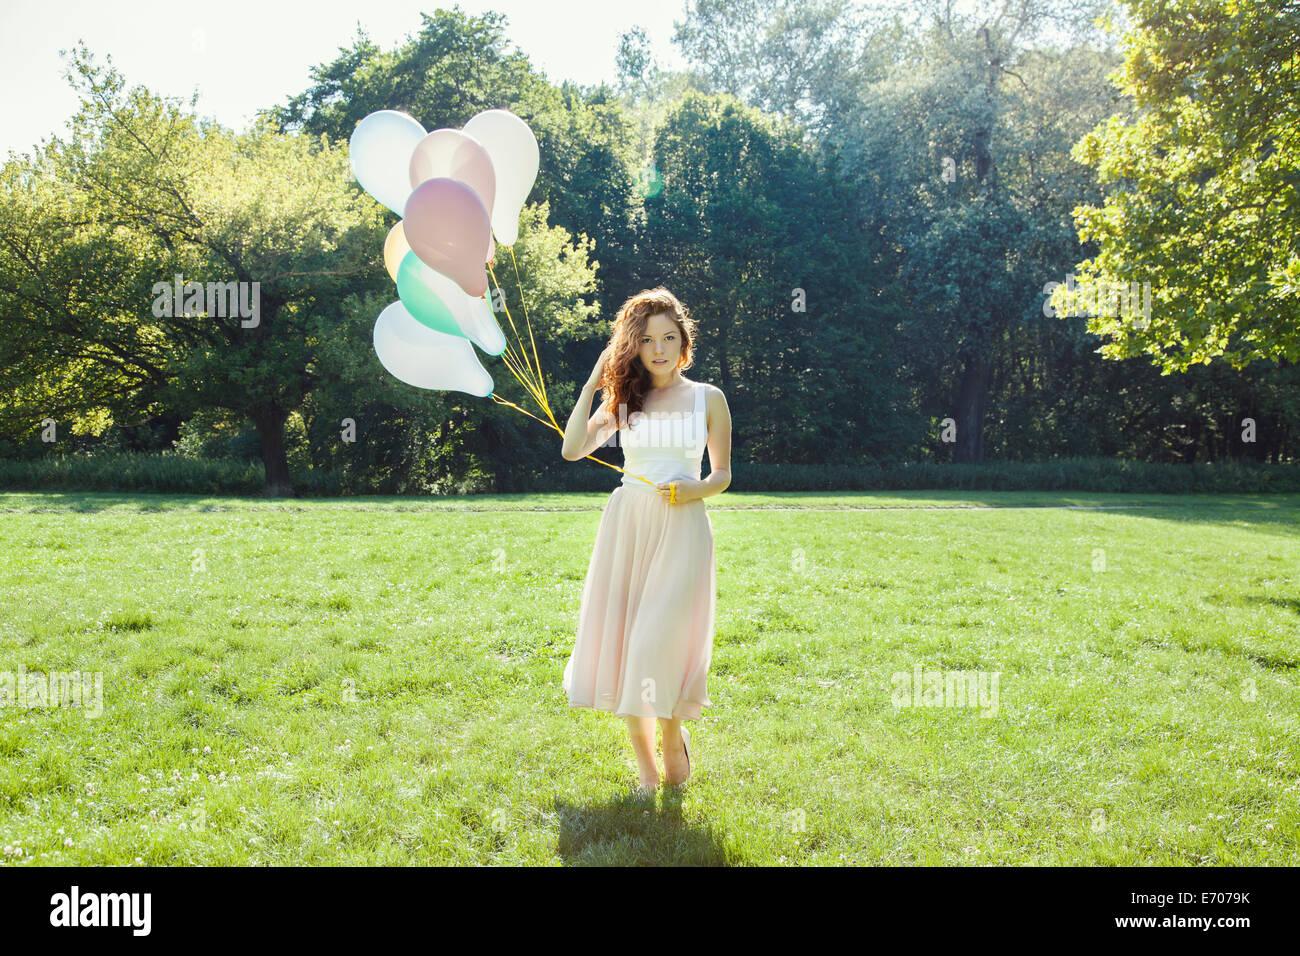 Retrato de mujer joven tímido en estacionamiento sosteniendo un montón de globos Imagen De Stock